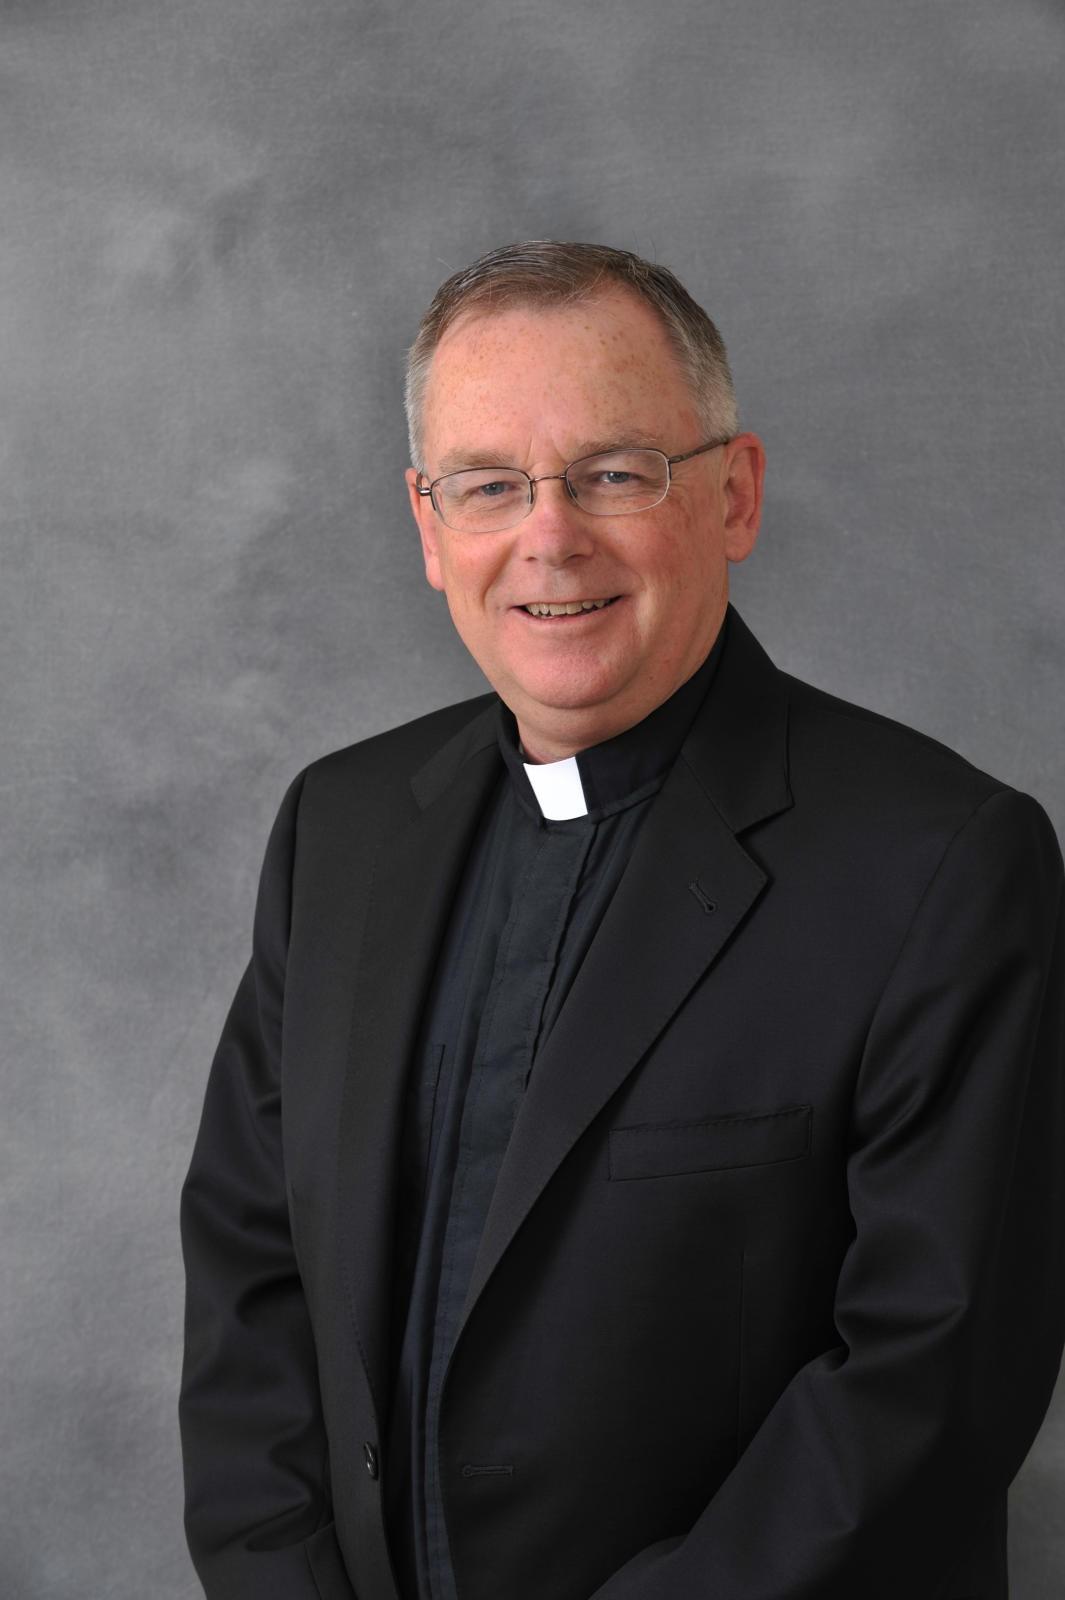 Rev. John Denning, C.S.C.